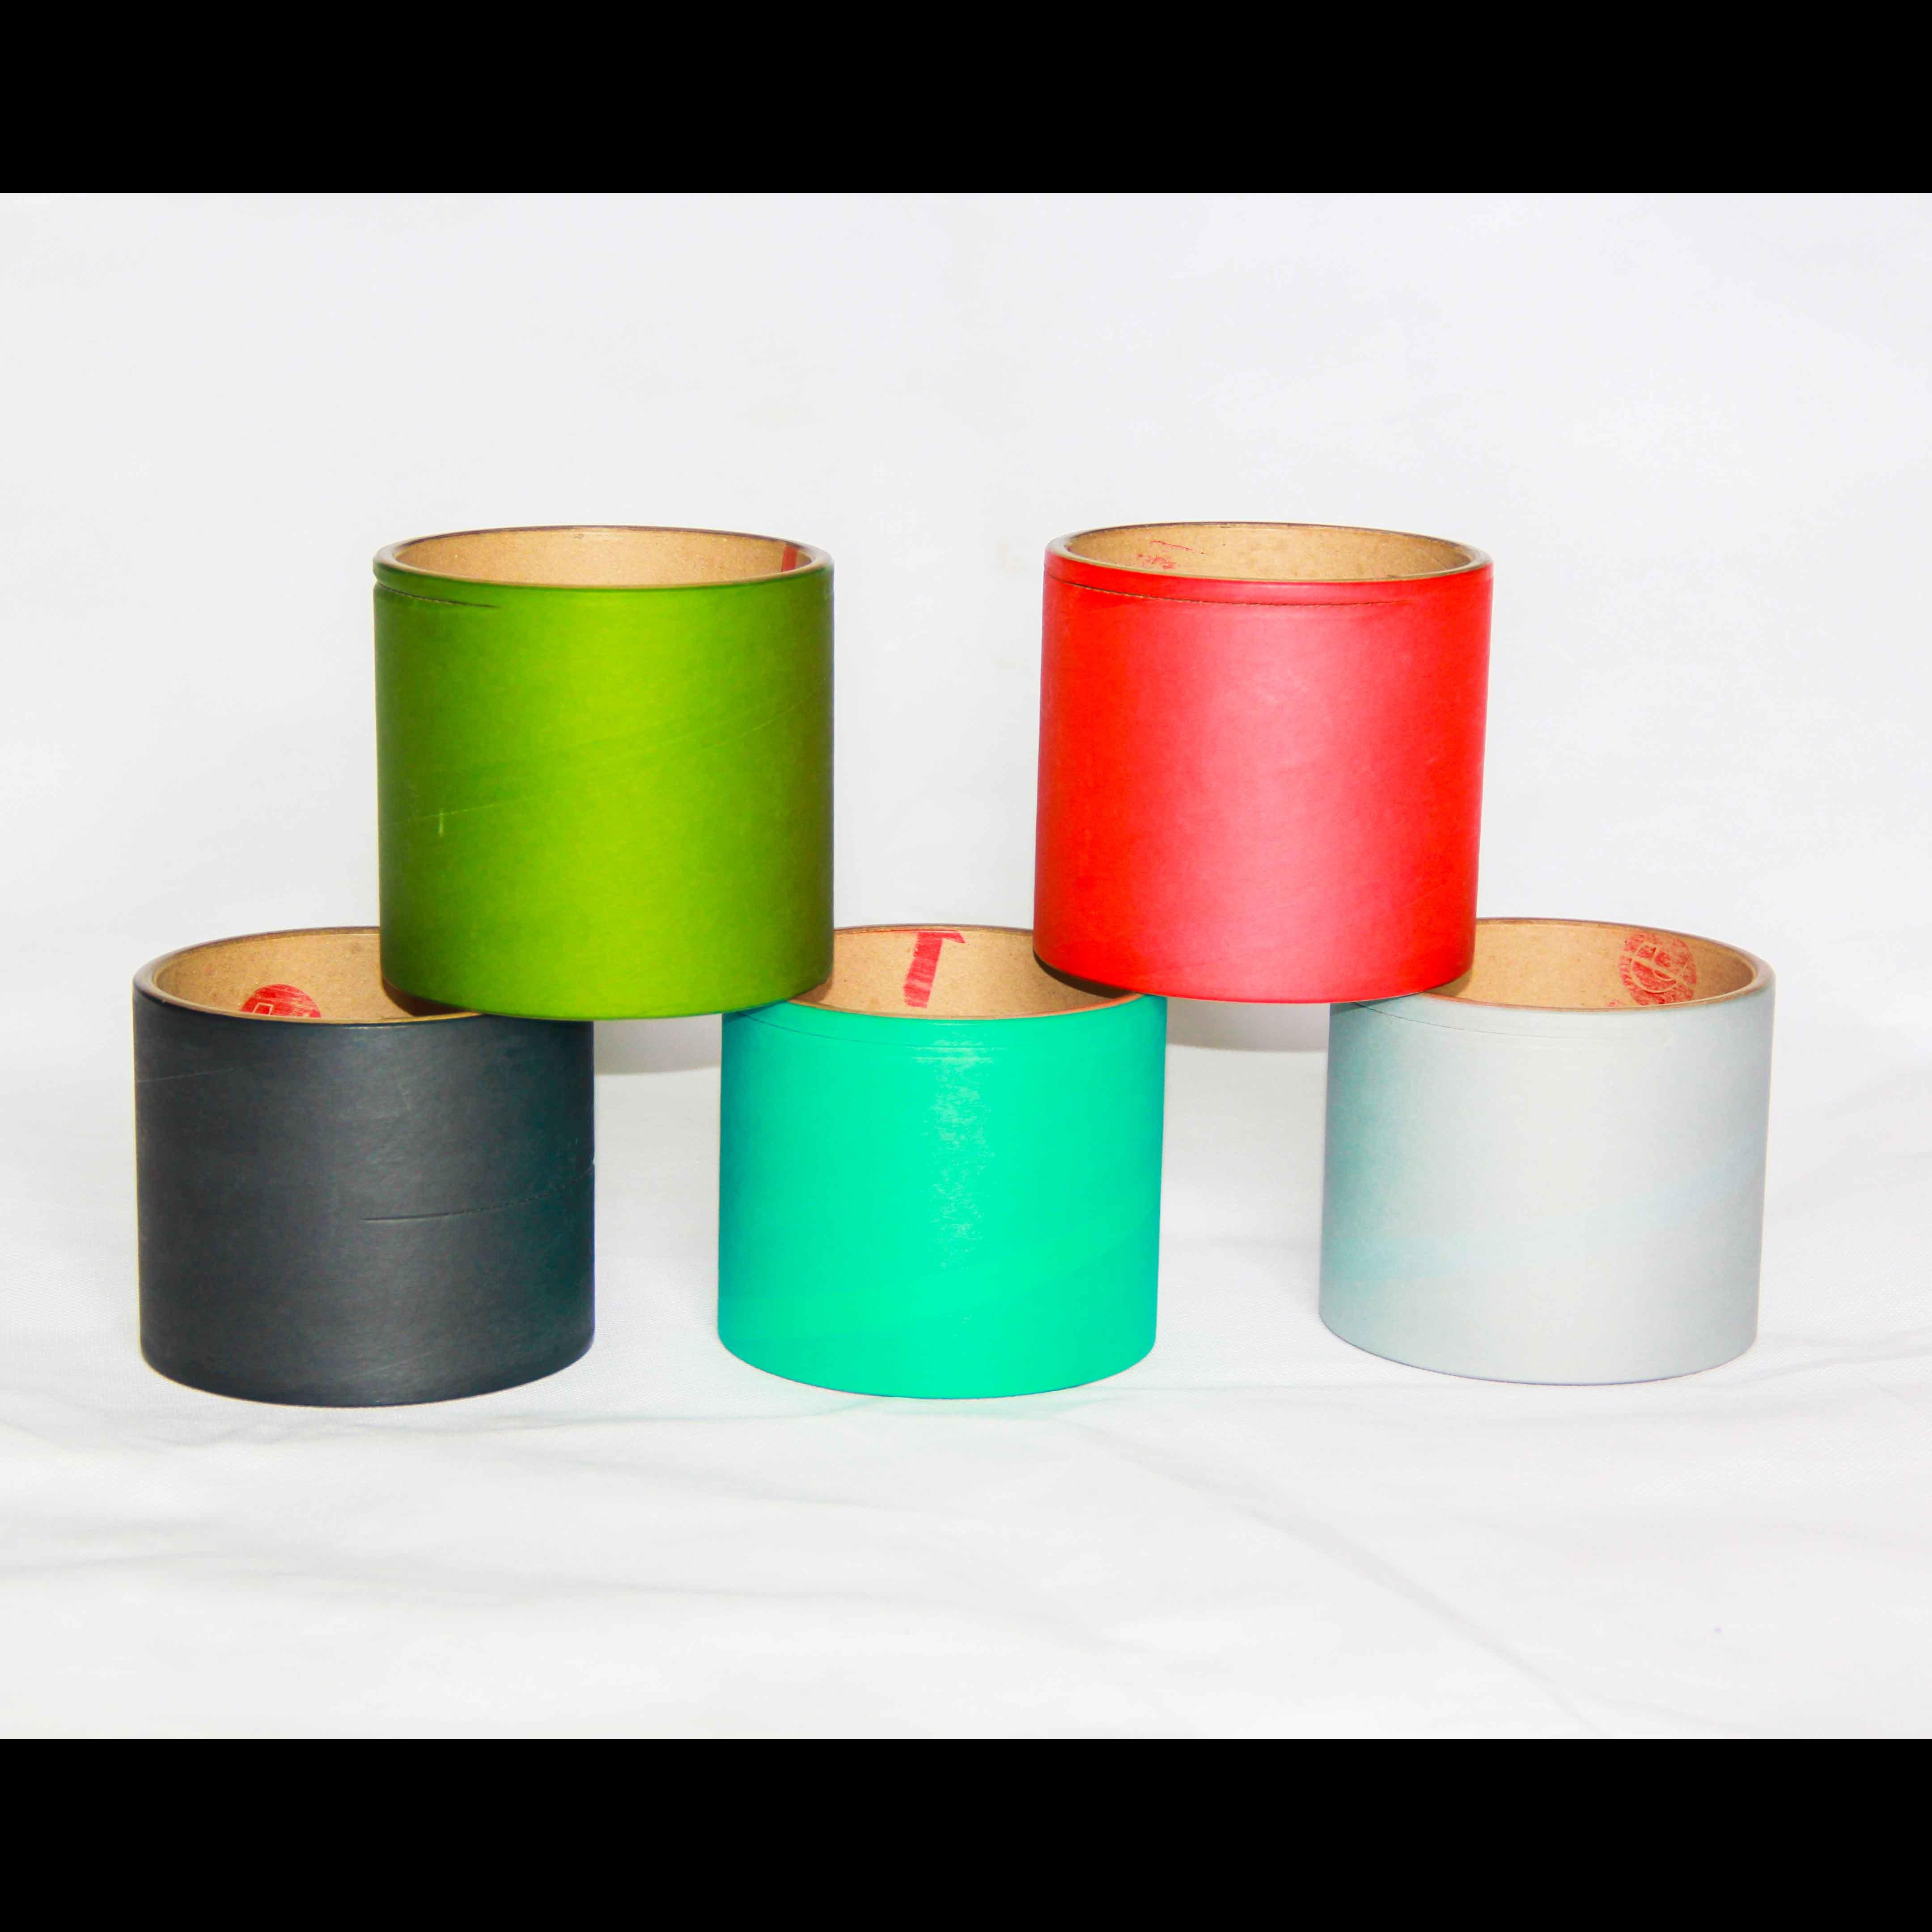 Paper Tube for Nylon Yarn